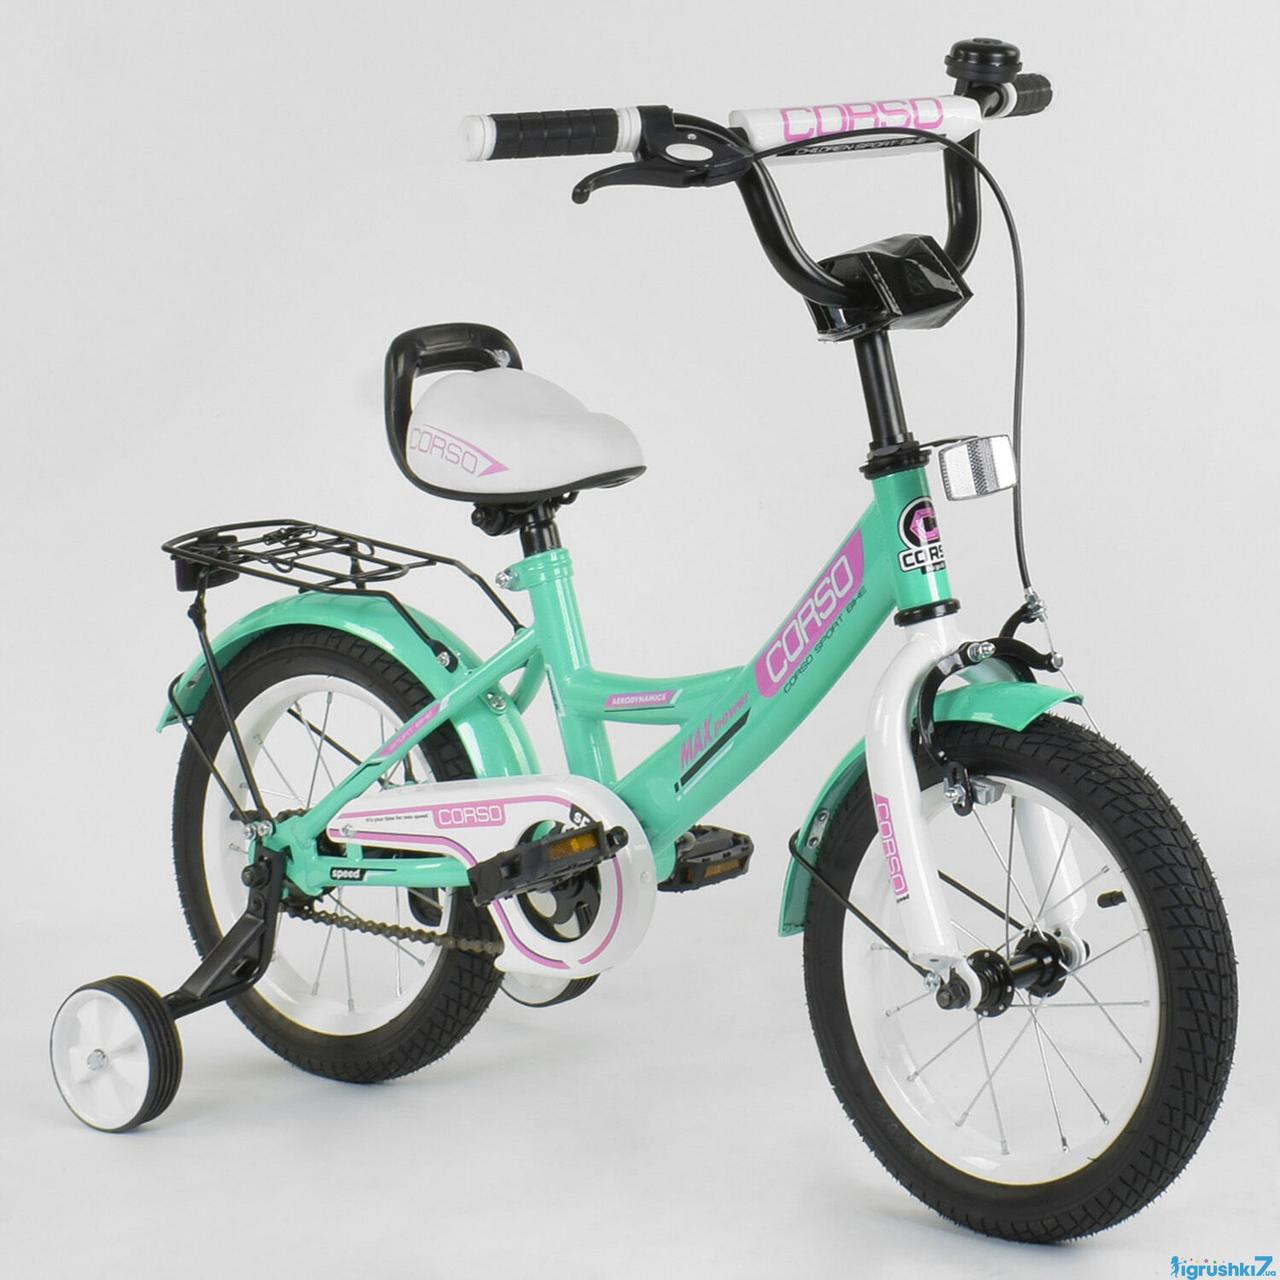 Детский двухколесный велосипед Corso колеса 14 дюймов CL-14 D 0211 бирюзовый